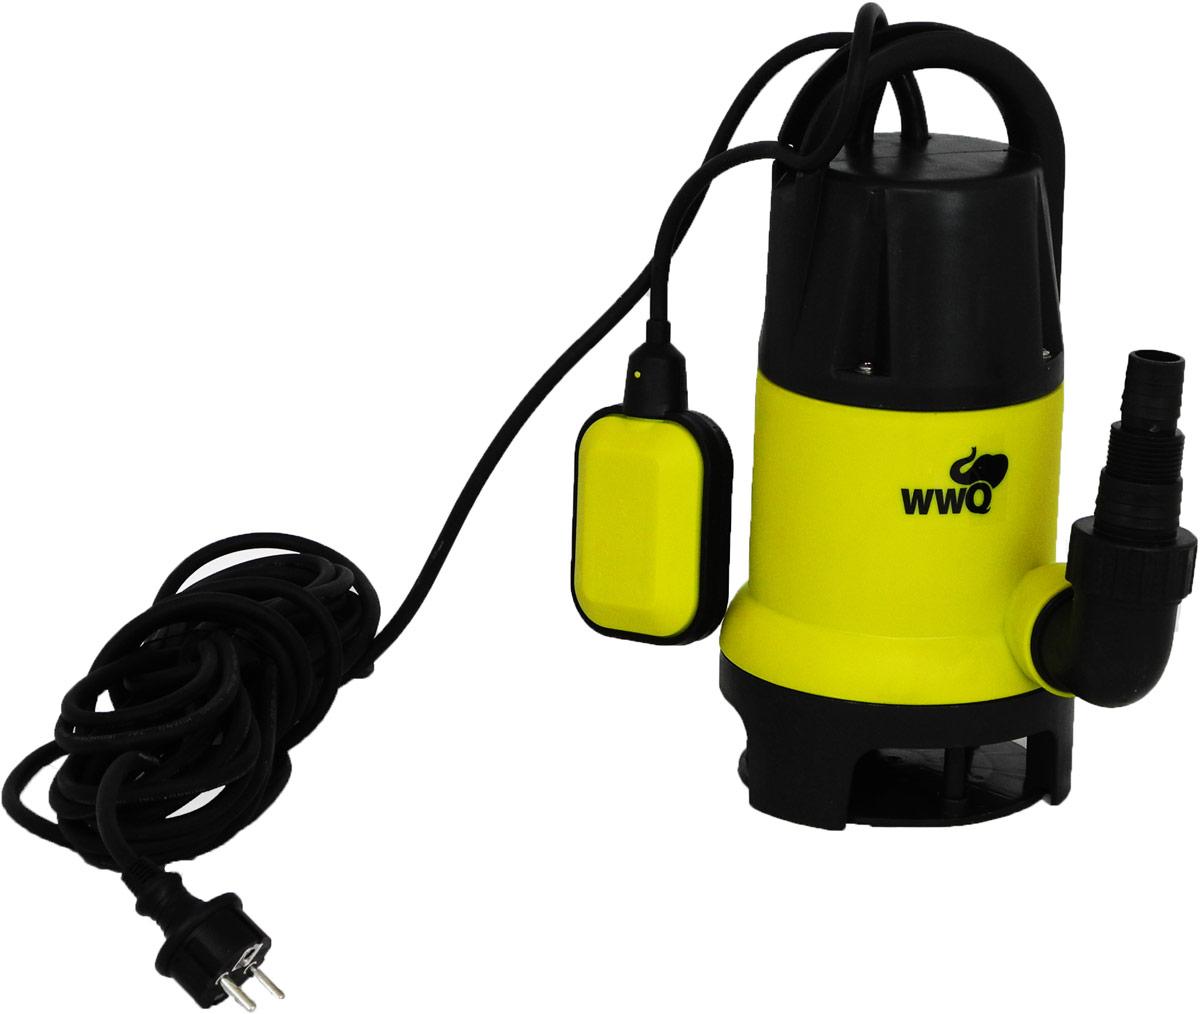 """Дренажный насос WWQ серии NF используется для перекачивания чистых и загрязненных жидкостей, в которых могут присутствовать нерастворимые фрагменты величиной до 35 мм. Насос снабжен поплавковым выключателем, обеспечивающим автоматическое включение и выключение насоса в зависимости от уровня воды. Насос оснащен встроенной термозащитой, которая блокирует работу насоса в случае его перегрева. Насос имеет фиксатор кабеля поплавкового выключателя. Насос требует напряжения в сети 220В/50Гц. Внешние диаметры универсального штуцера: 25/38/G 1"""" мм."""